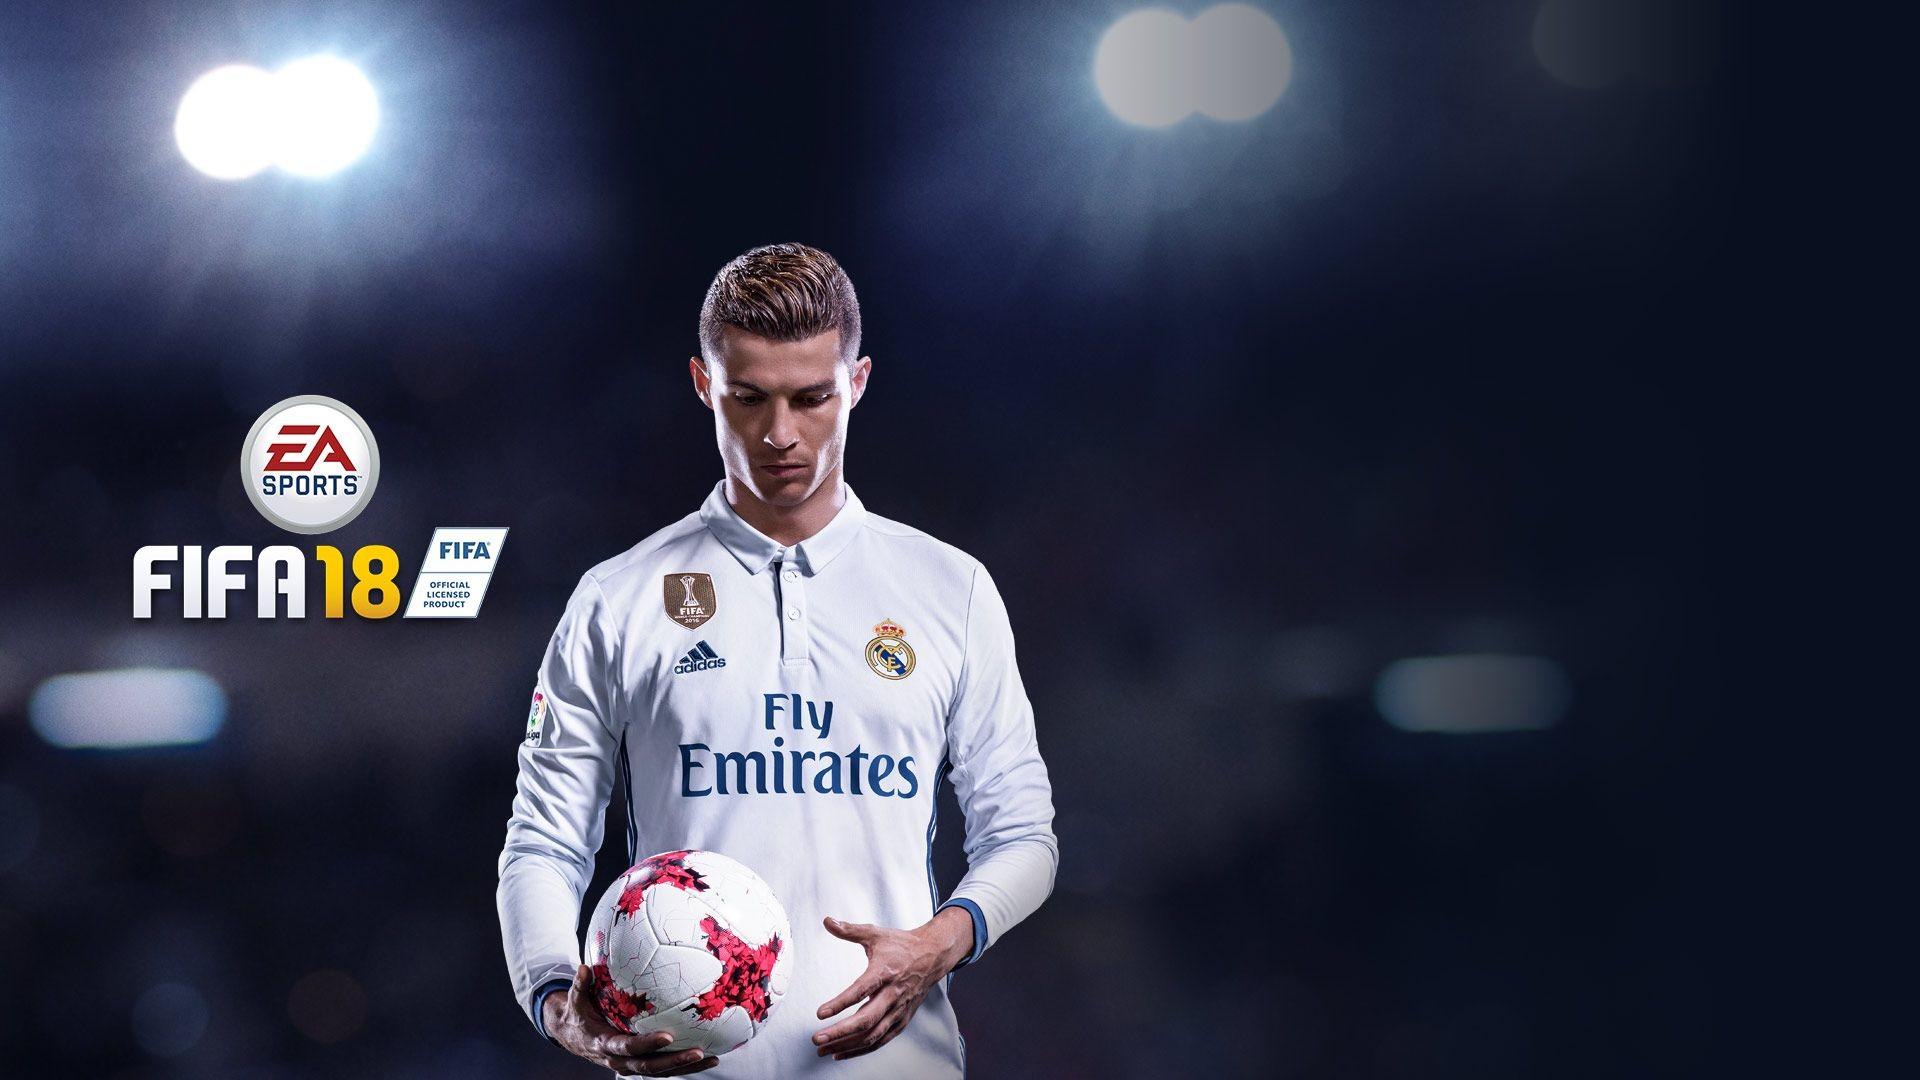 Res: 1920x1080, FIFA 2018 Cover Wallpaper - Best Wallpaper HD